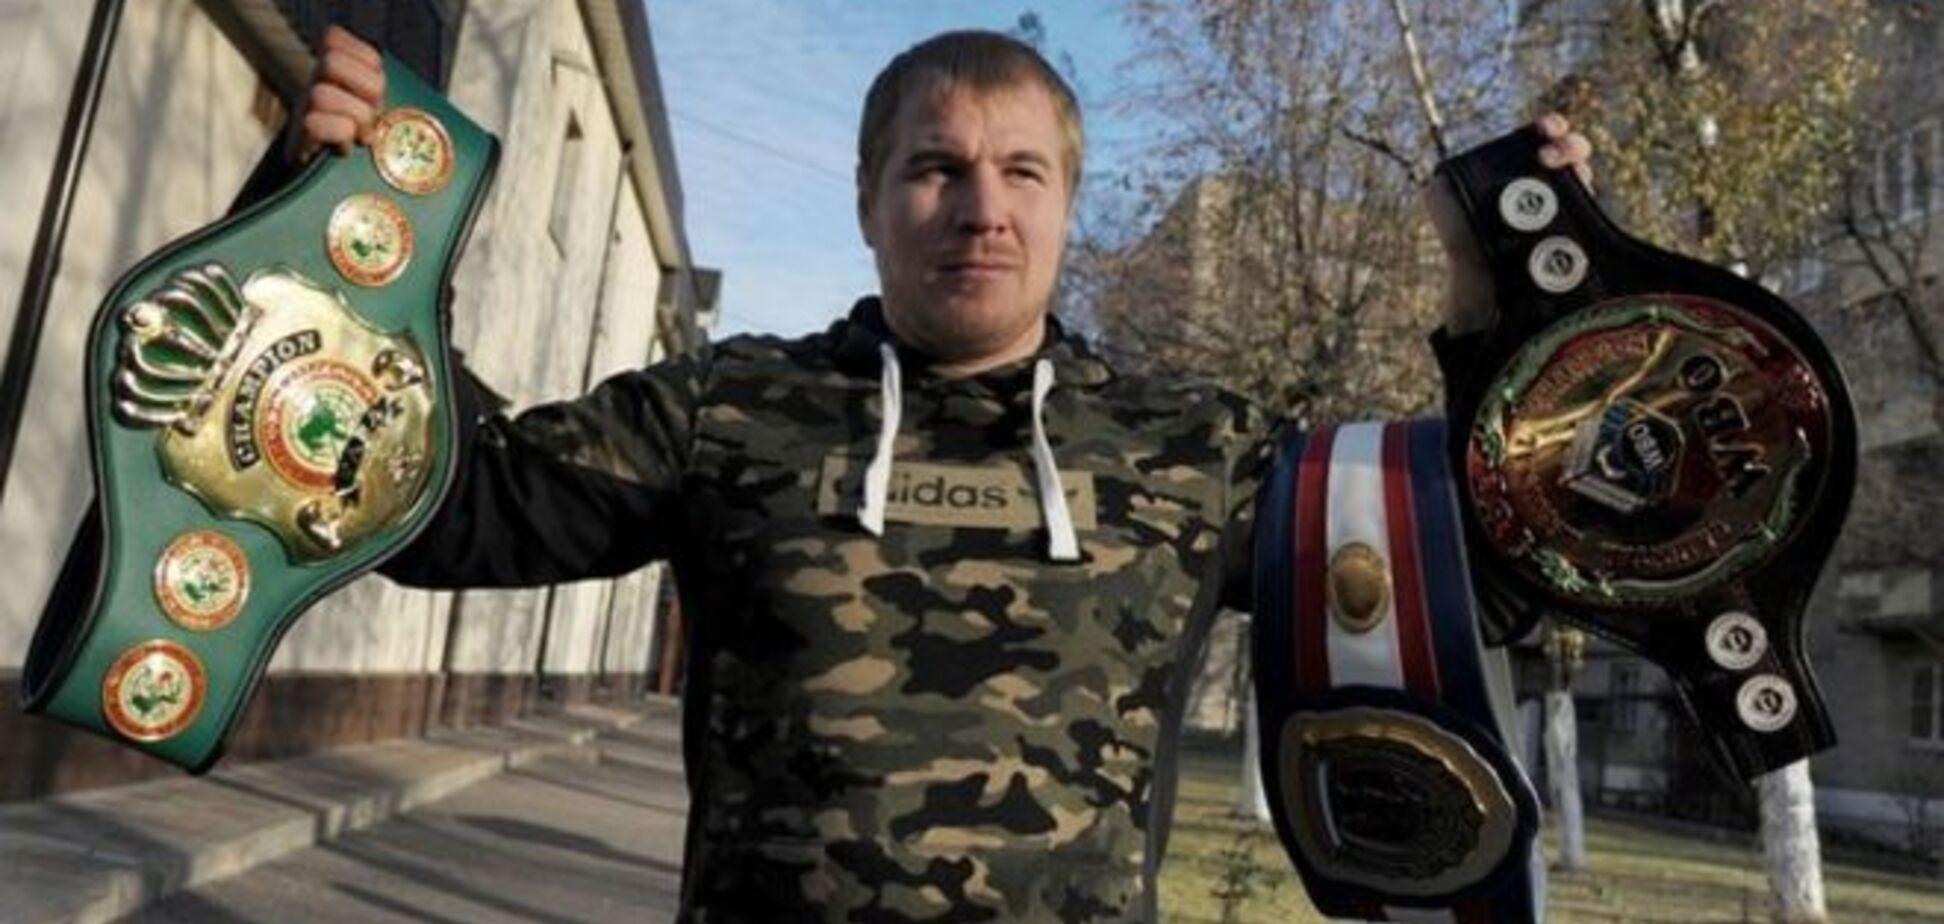 'Русский богатырь' Князев высмеял Усика